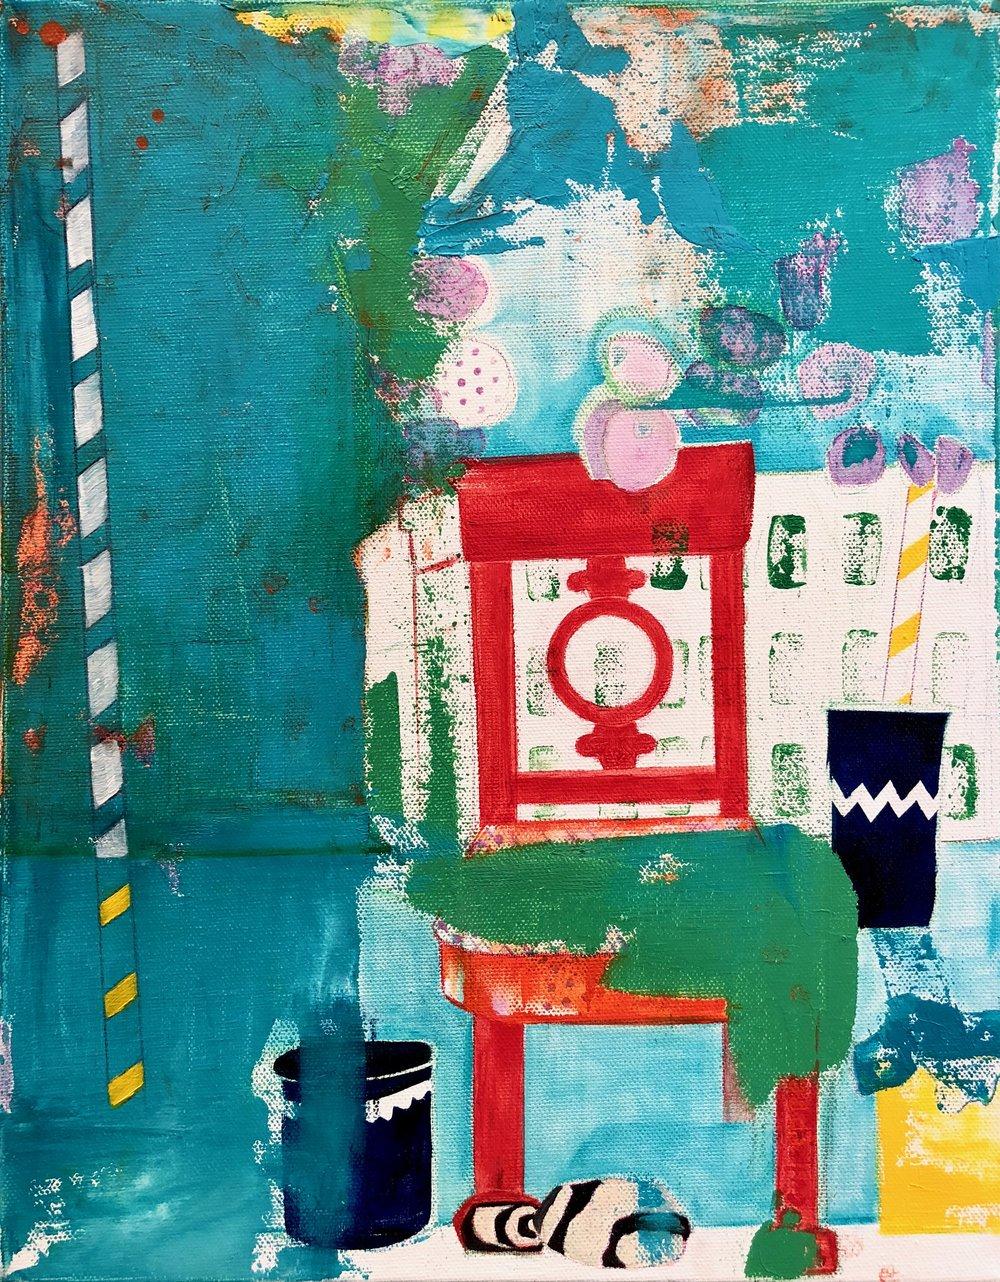 porquerolles, chair + rocks    oil + pencil on canvas  |  14 x 11